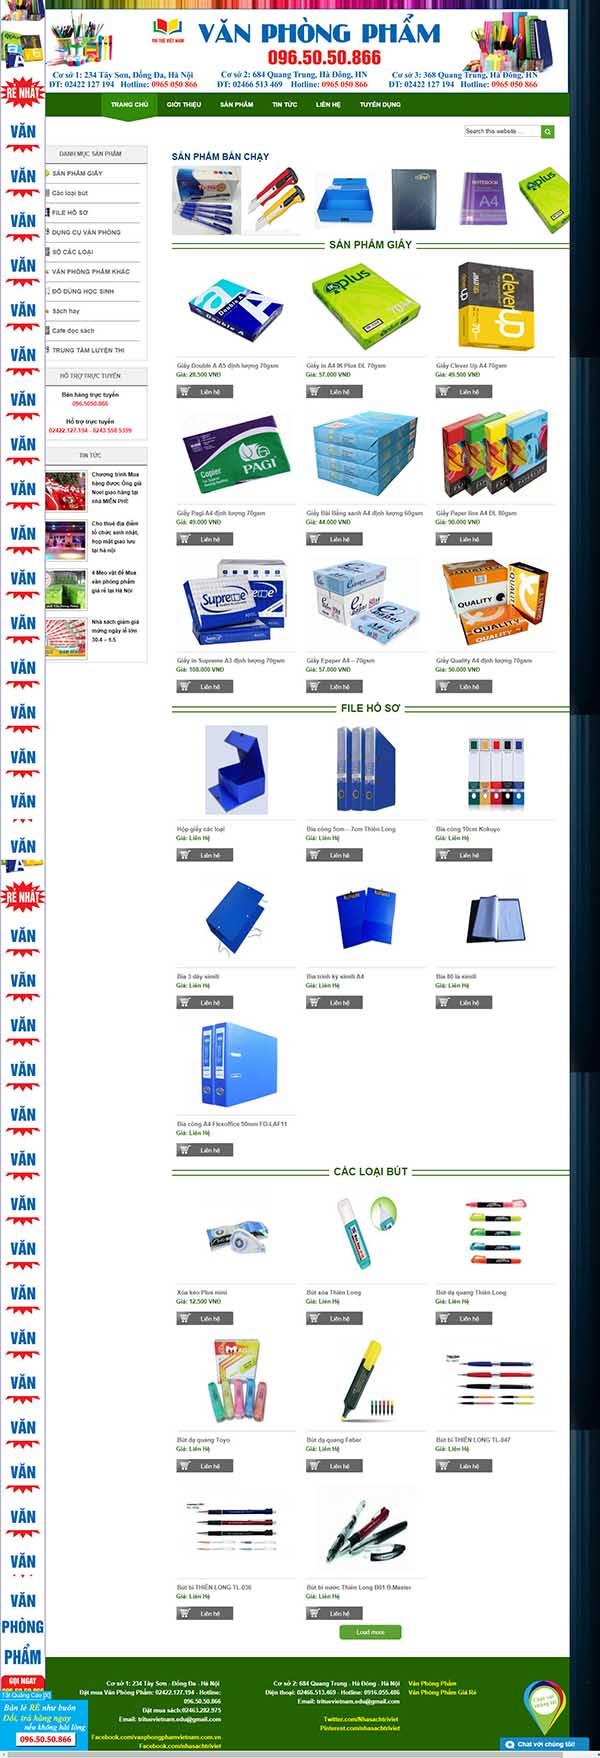 Thiết kế Mẫu website văn phòng phẩm 09